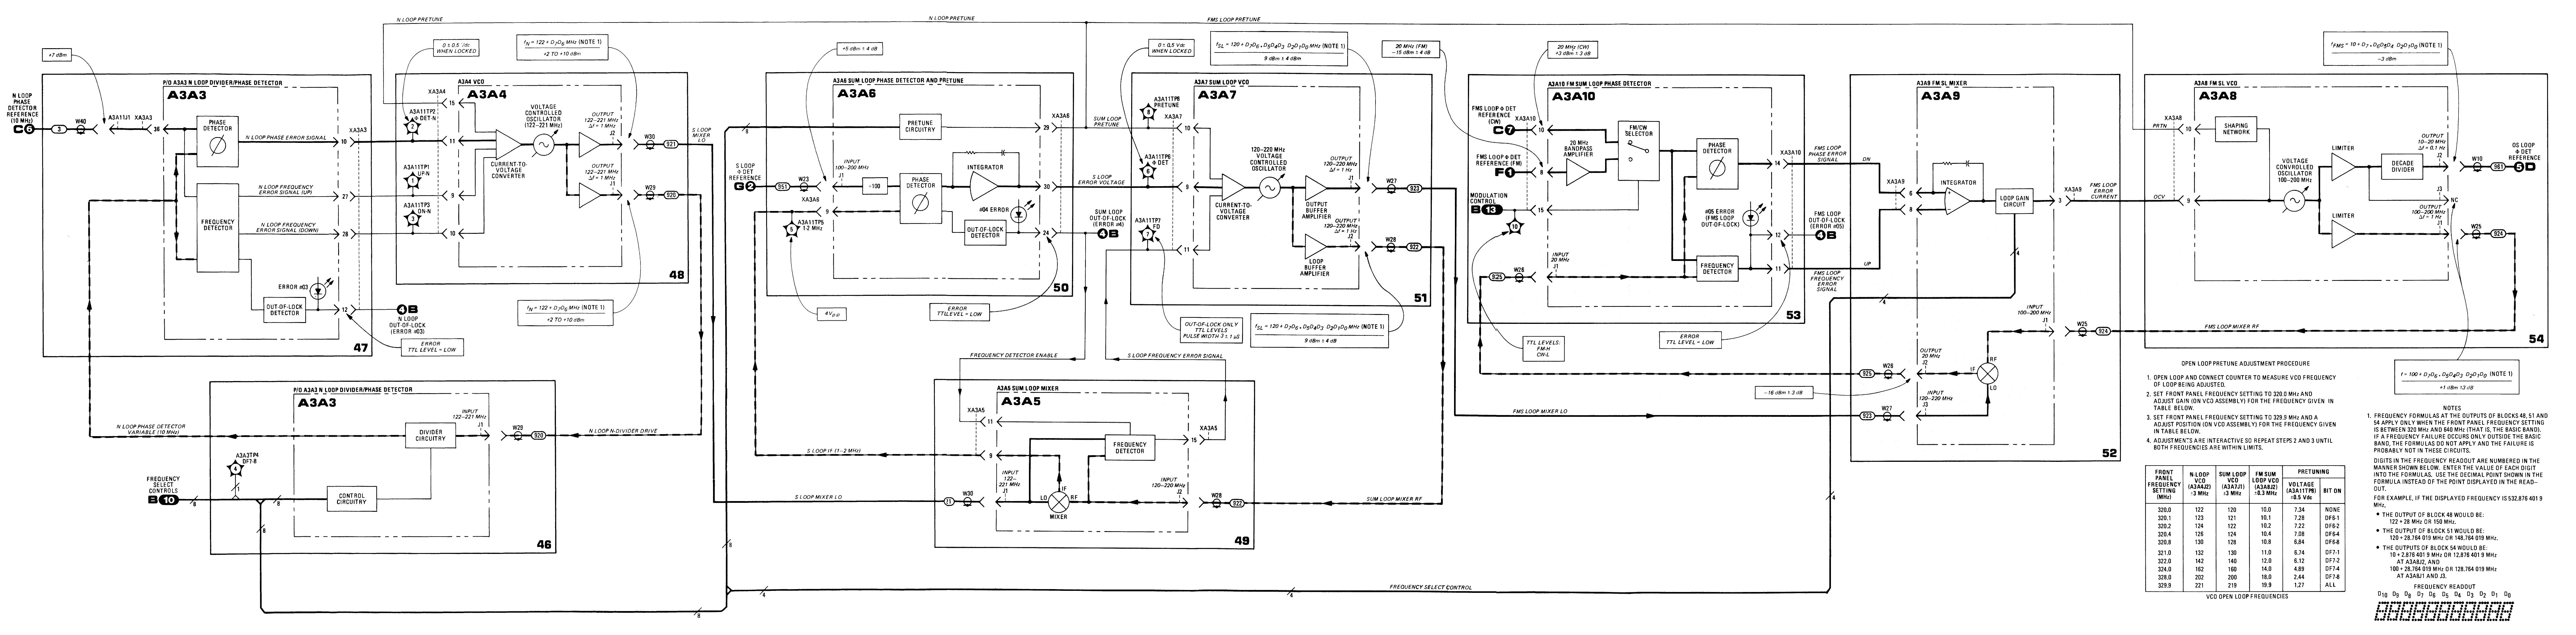 LF detailed block diagram